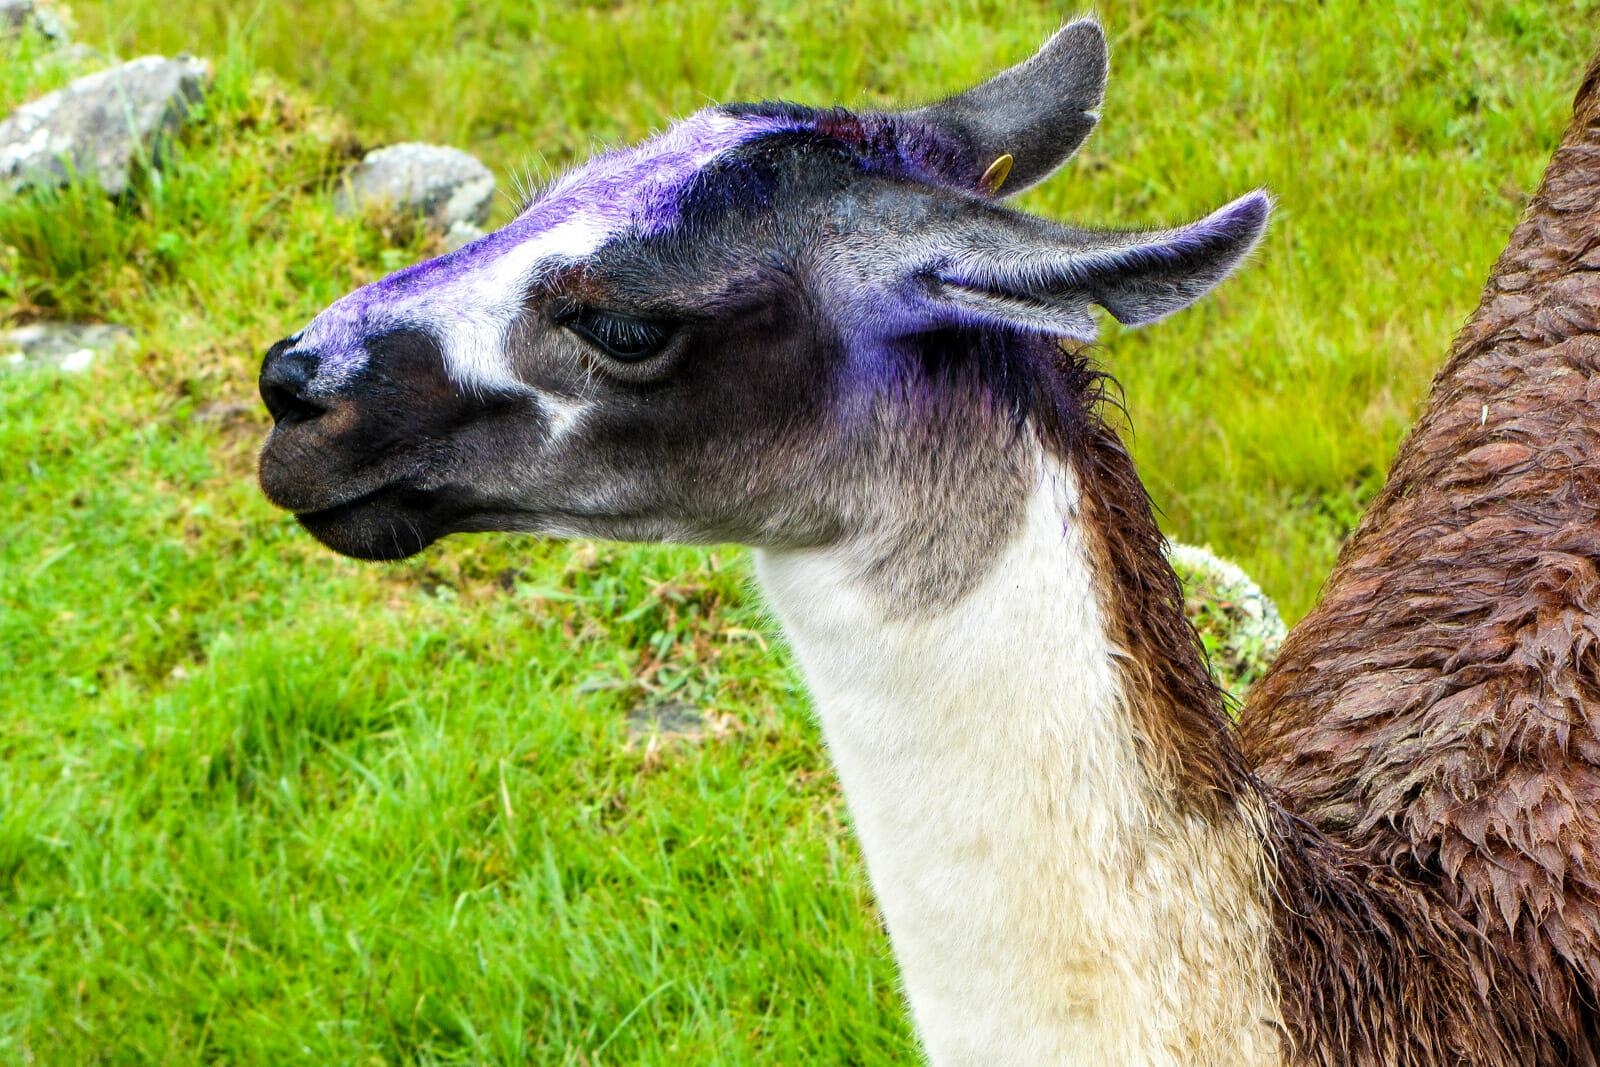 Cute llamas at Machu Picchu